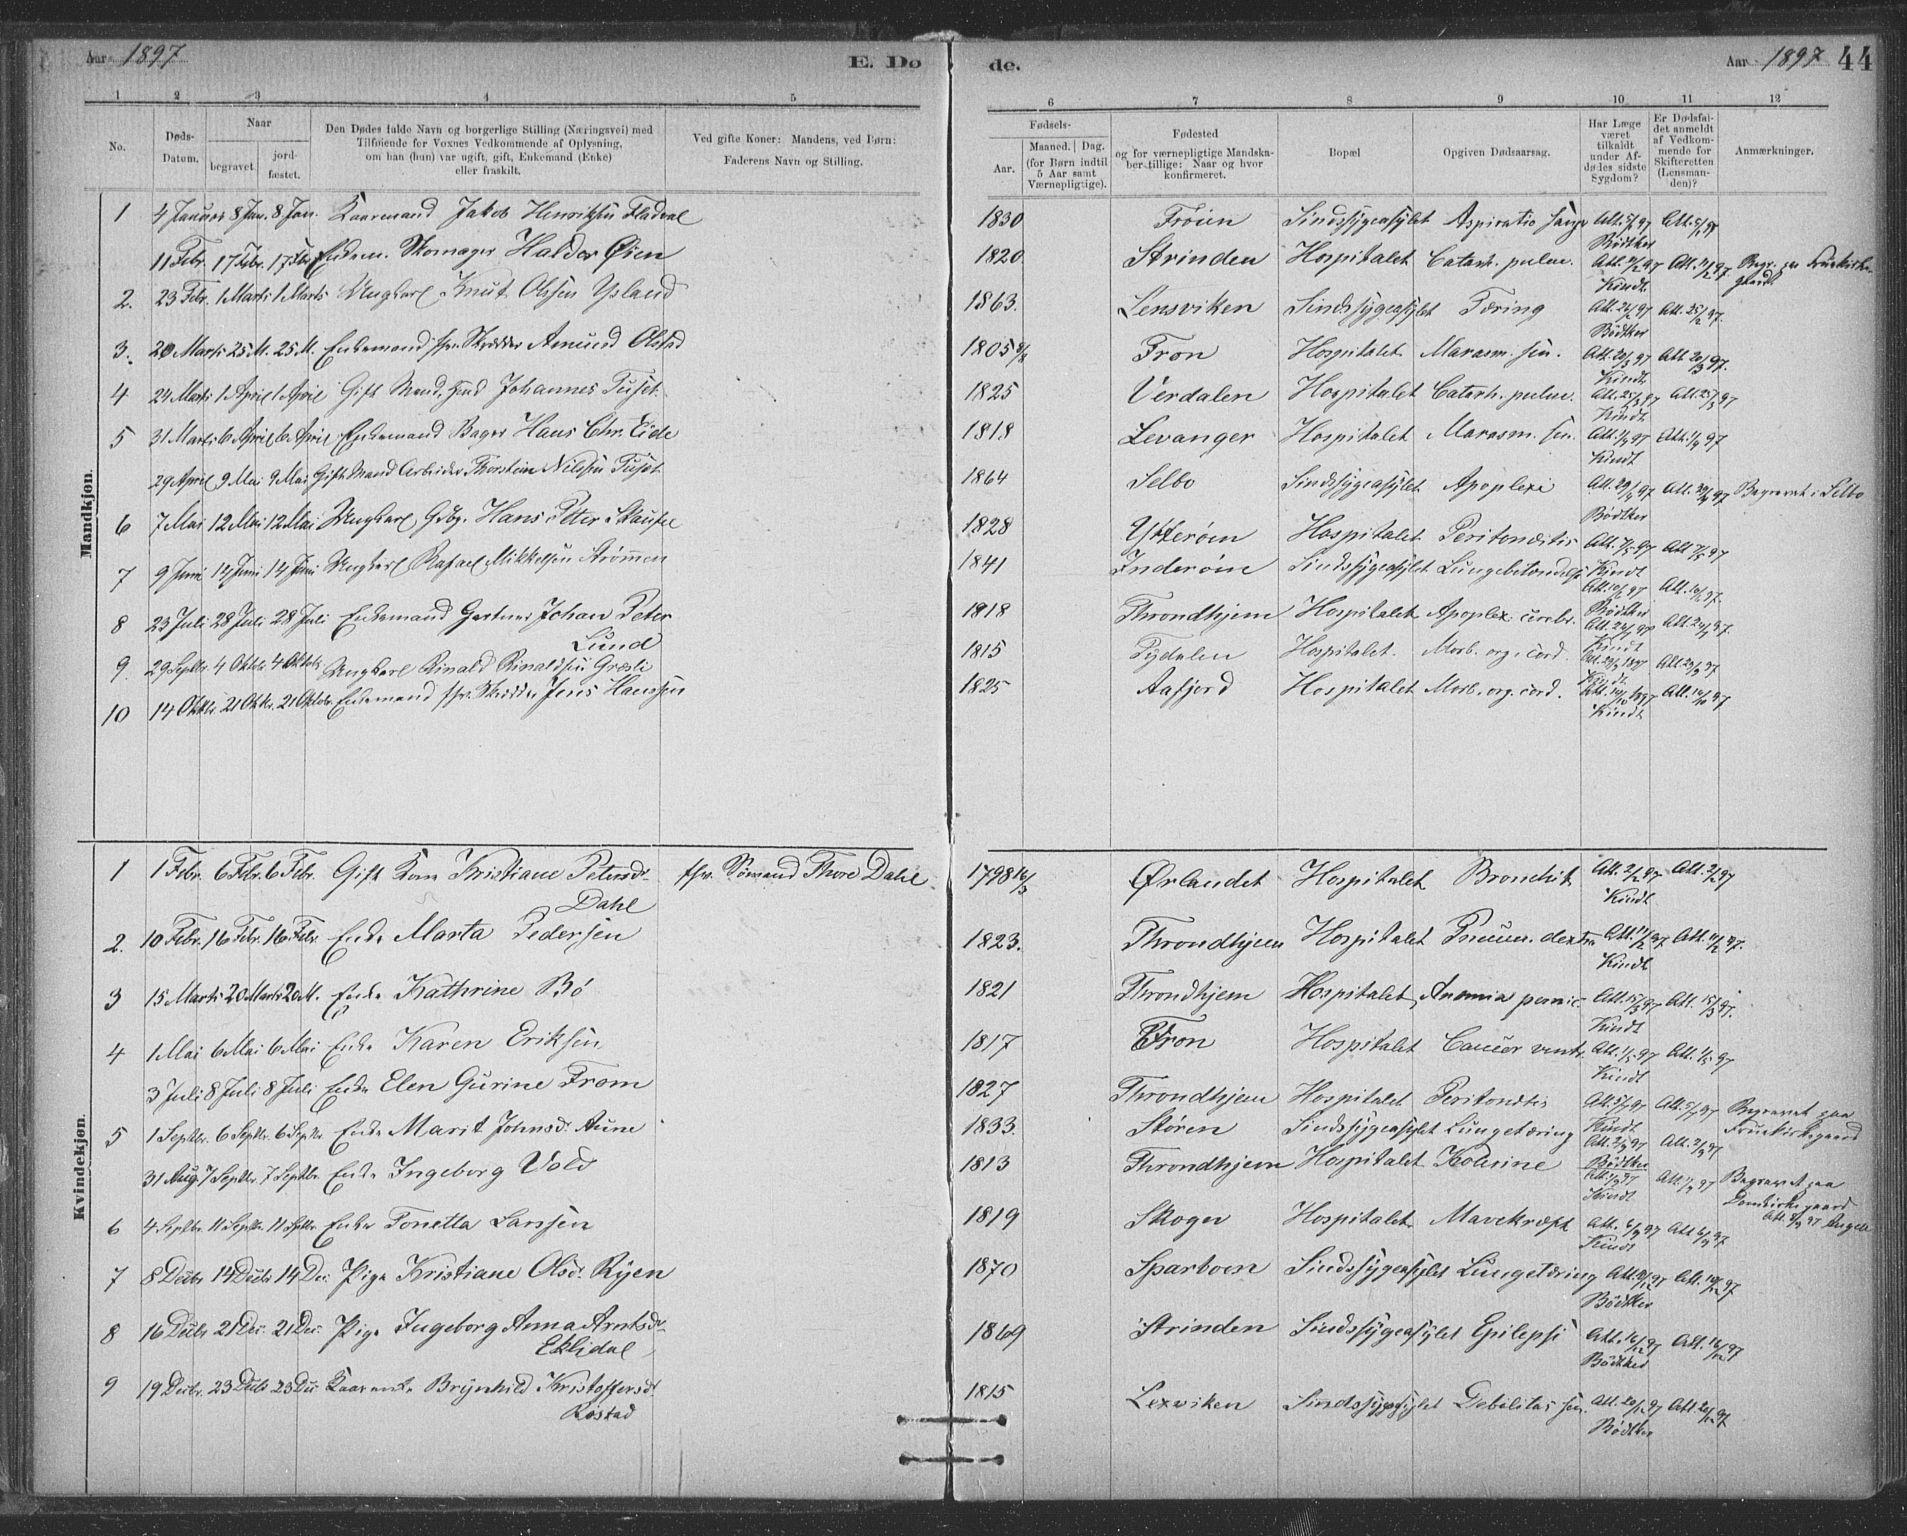 SAT, Ministerialprotokoller, klokkerbøker og fødselsregistre - Sør-Trøndelag, 623/L0470: Ministerialbok nr. 623A04, 1884-1938, s. 44